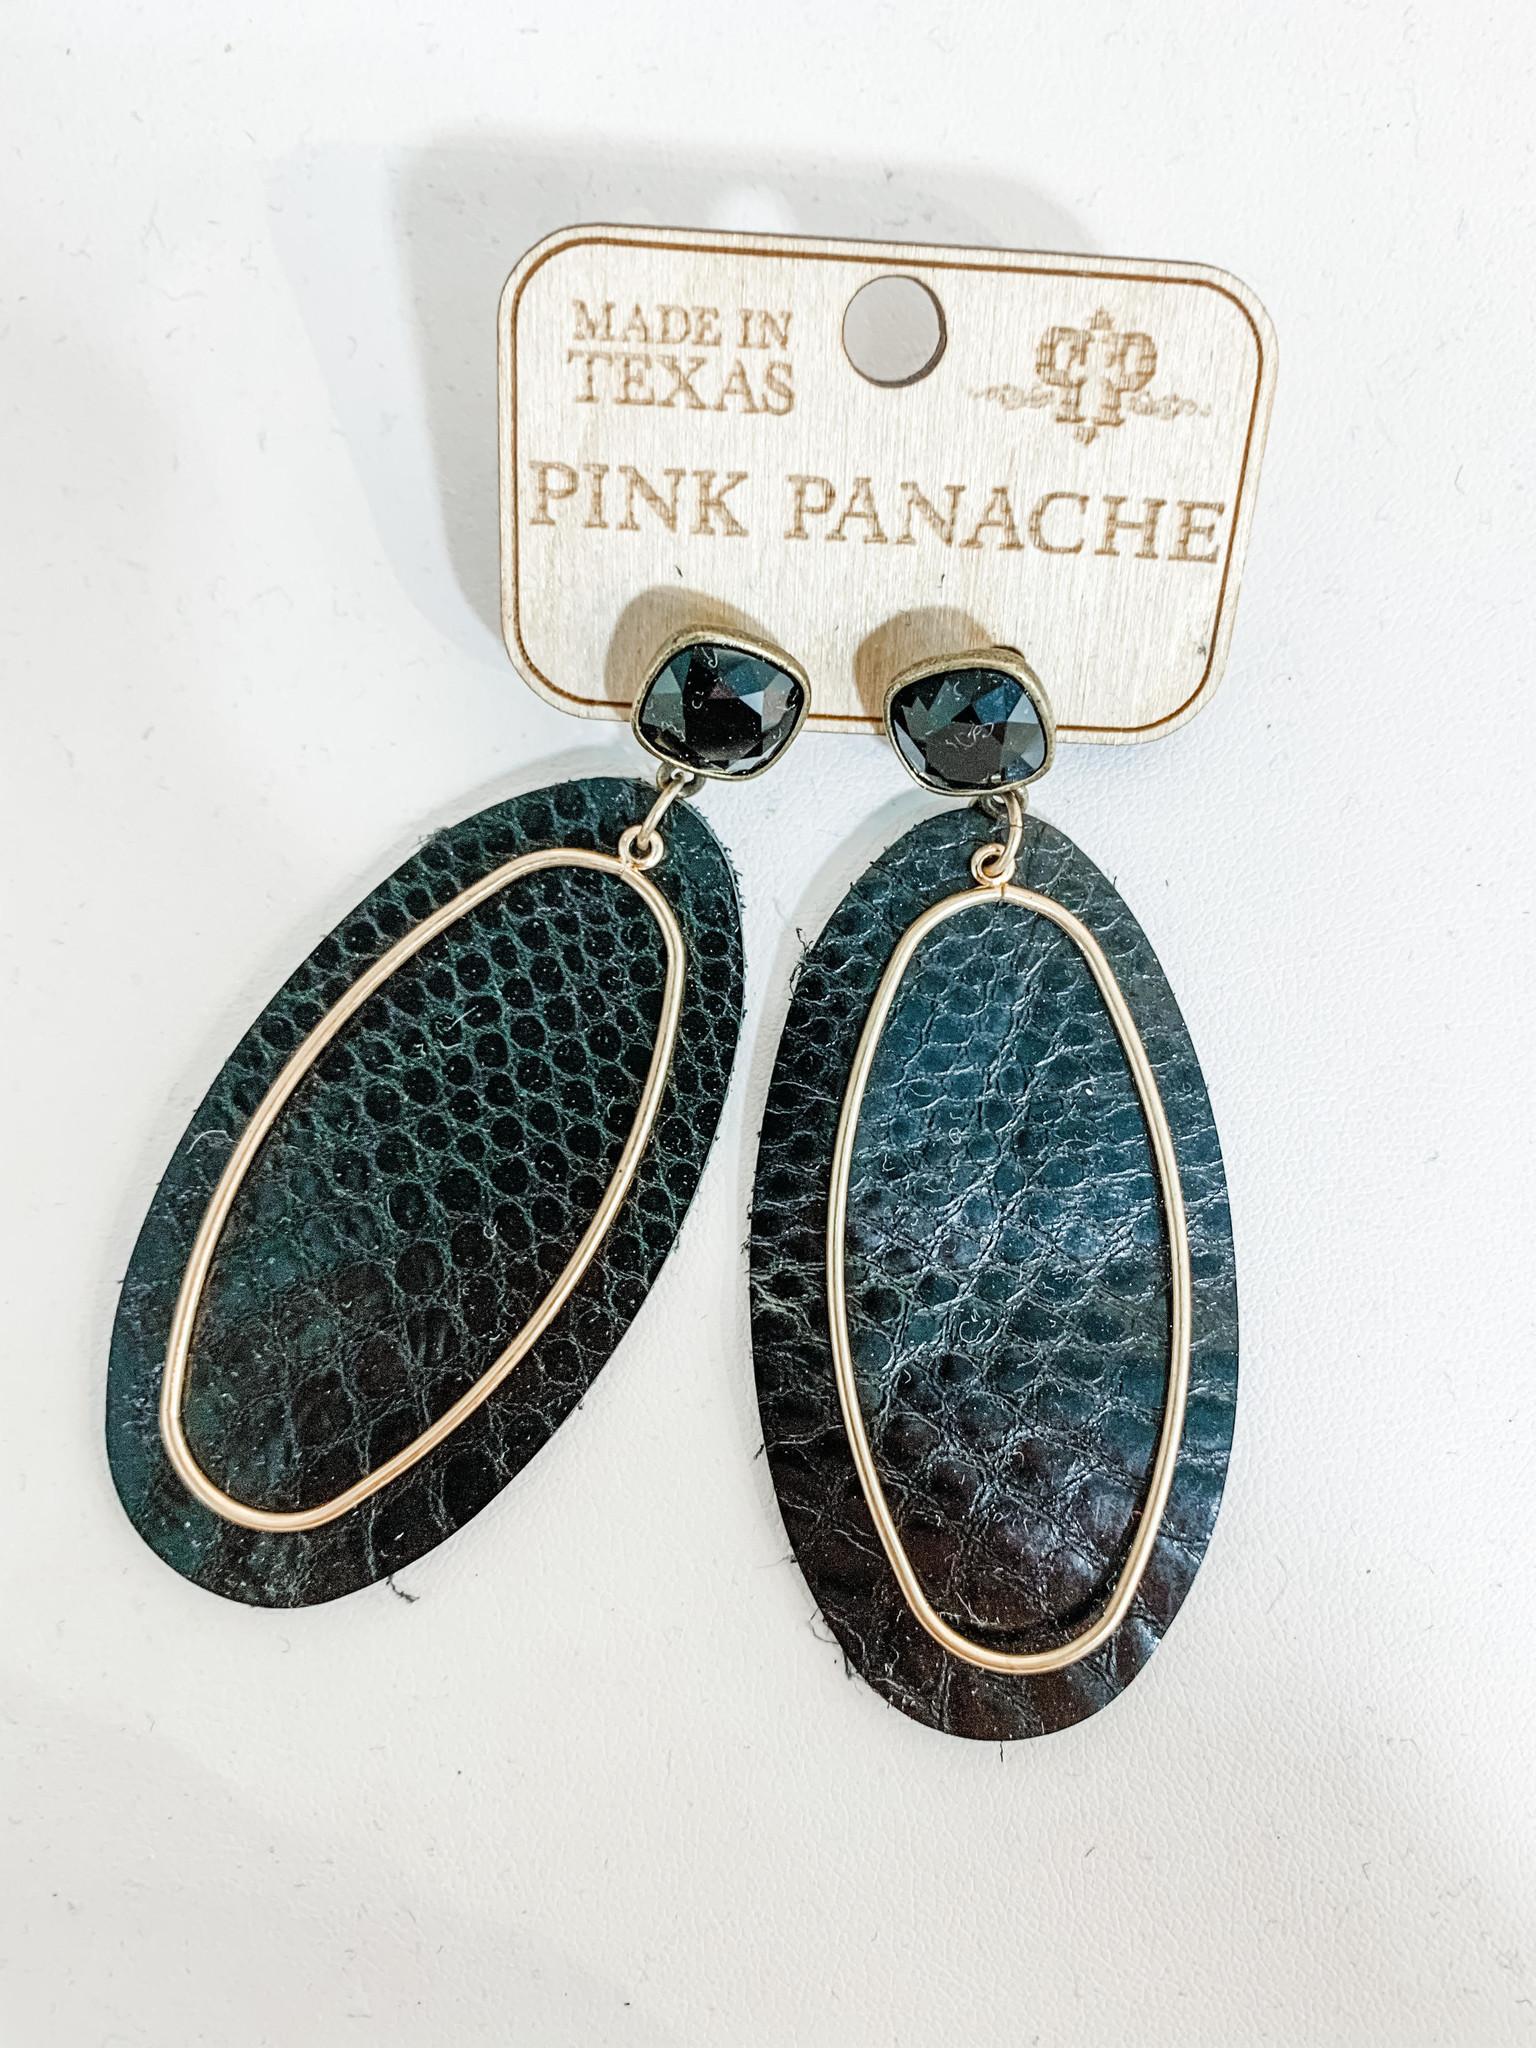 Black Snakeskin Leather Earrings